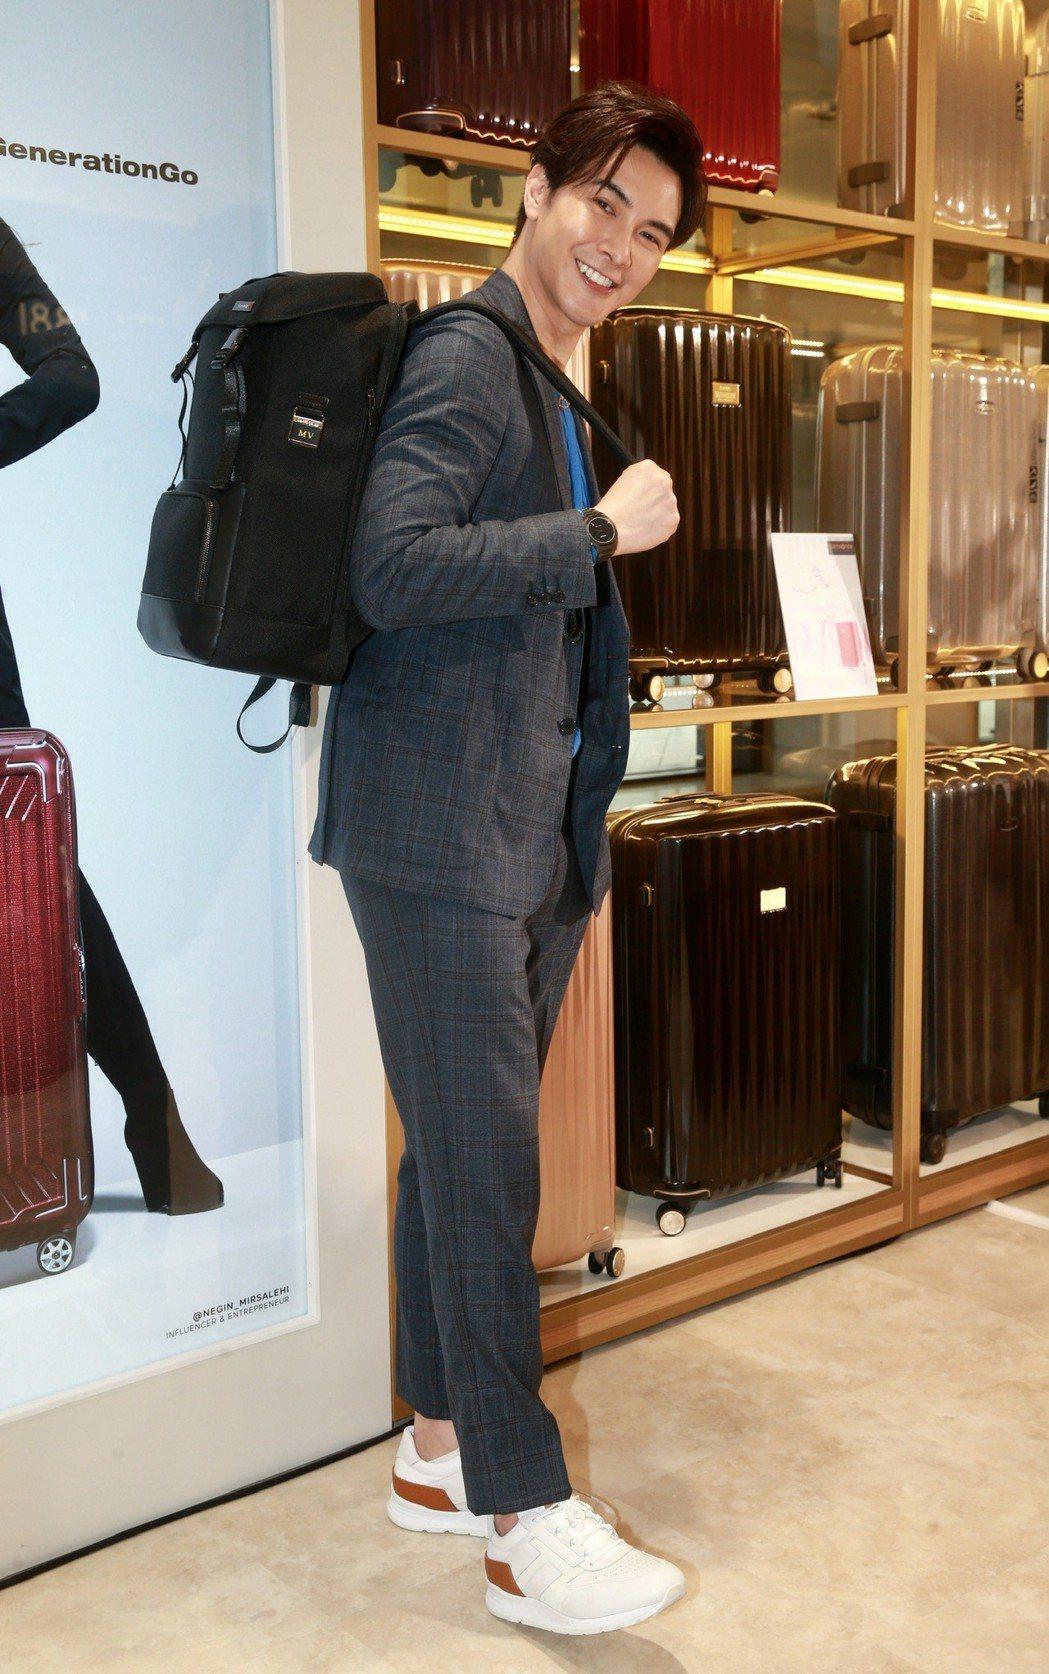 謝佳見為知名行李箱品牌代言,並擔任一日店長。記者黃義書/攝影